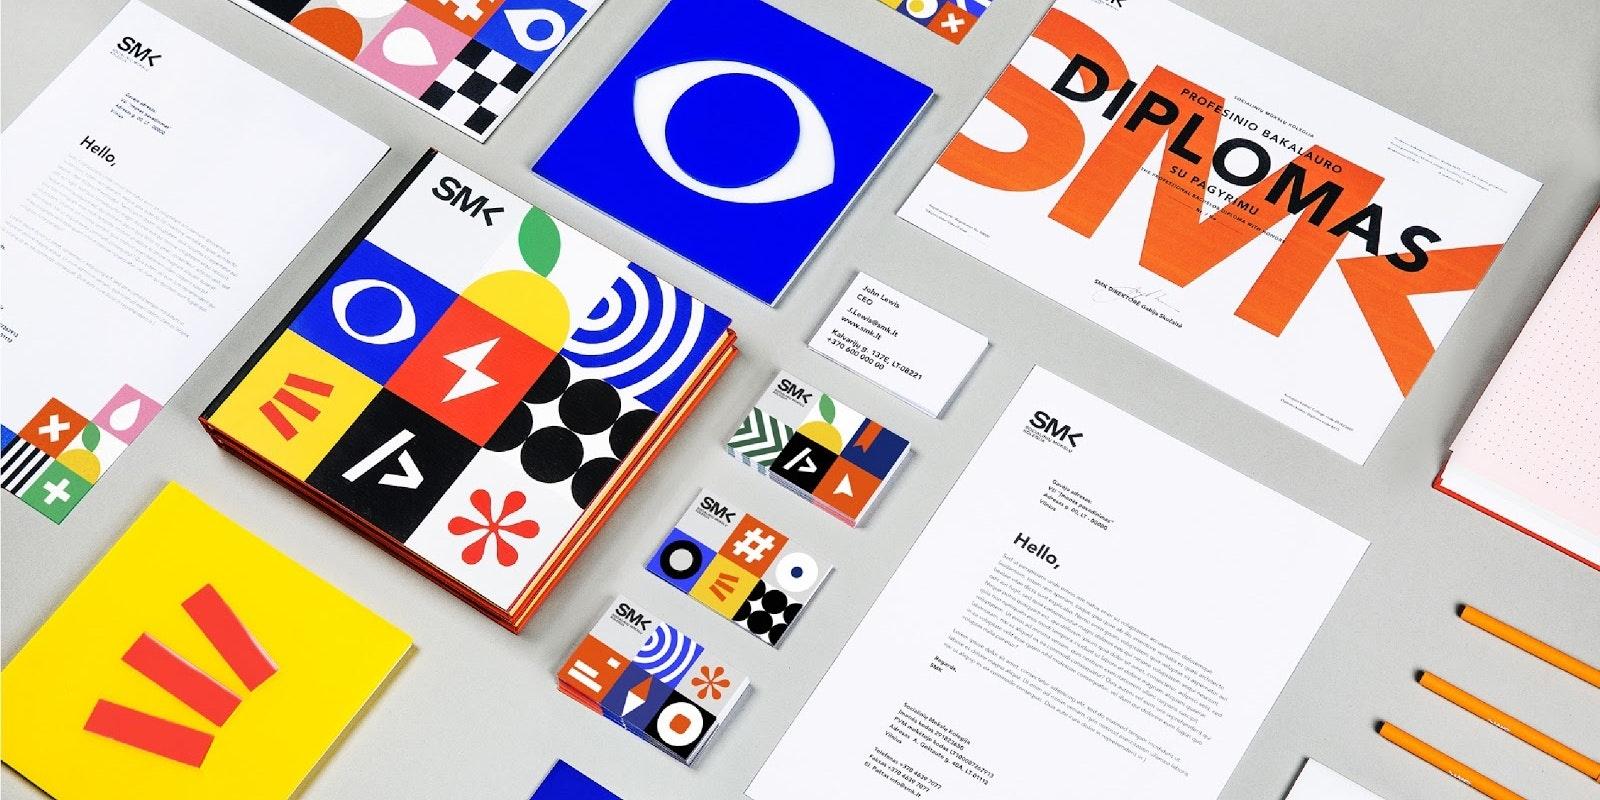 Dynamic branding